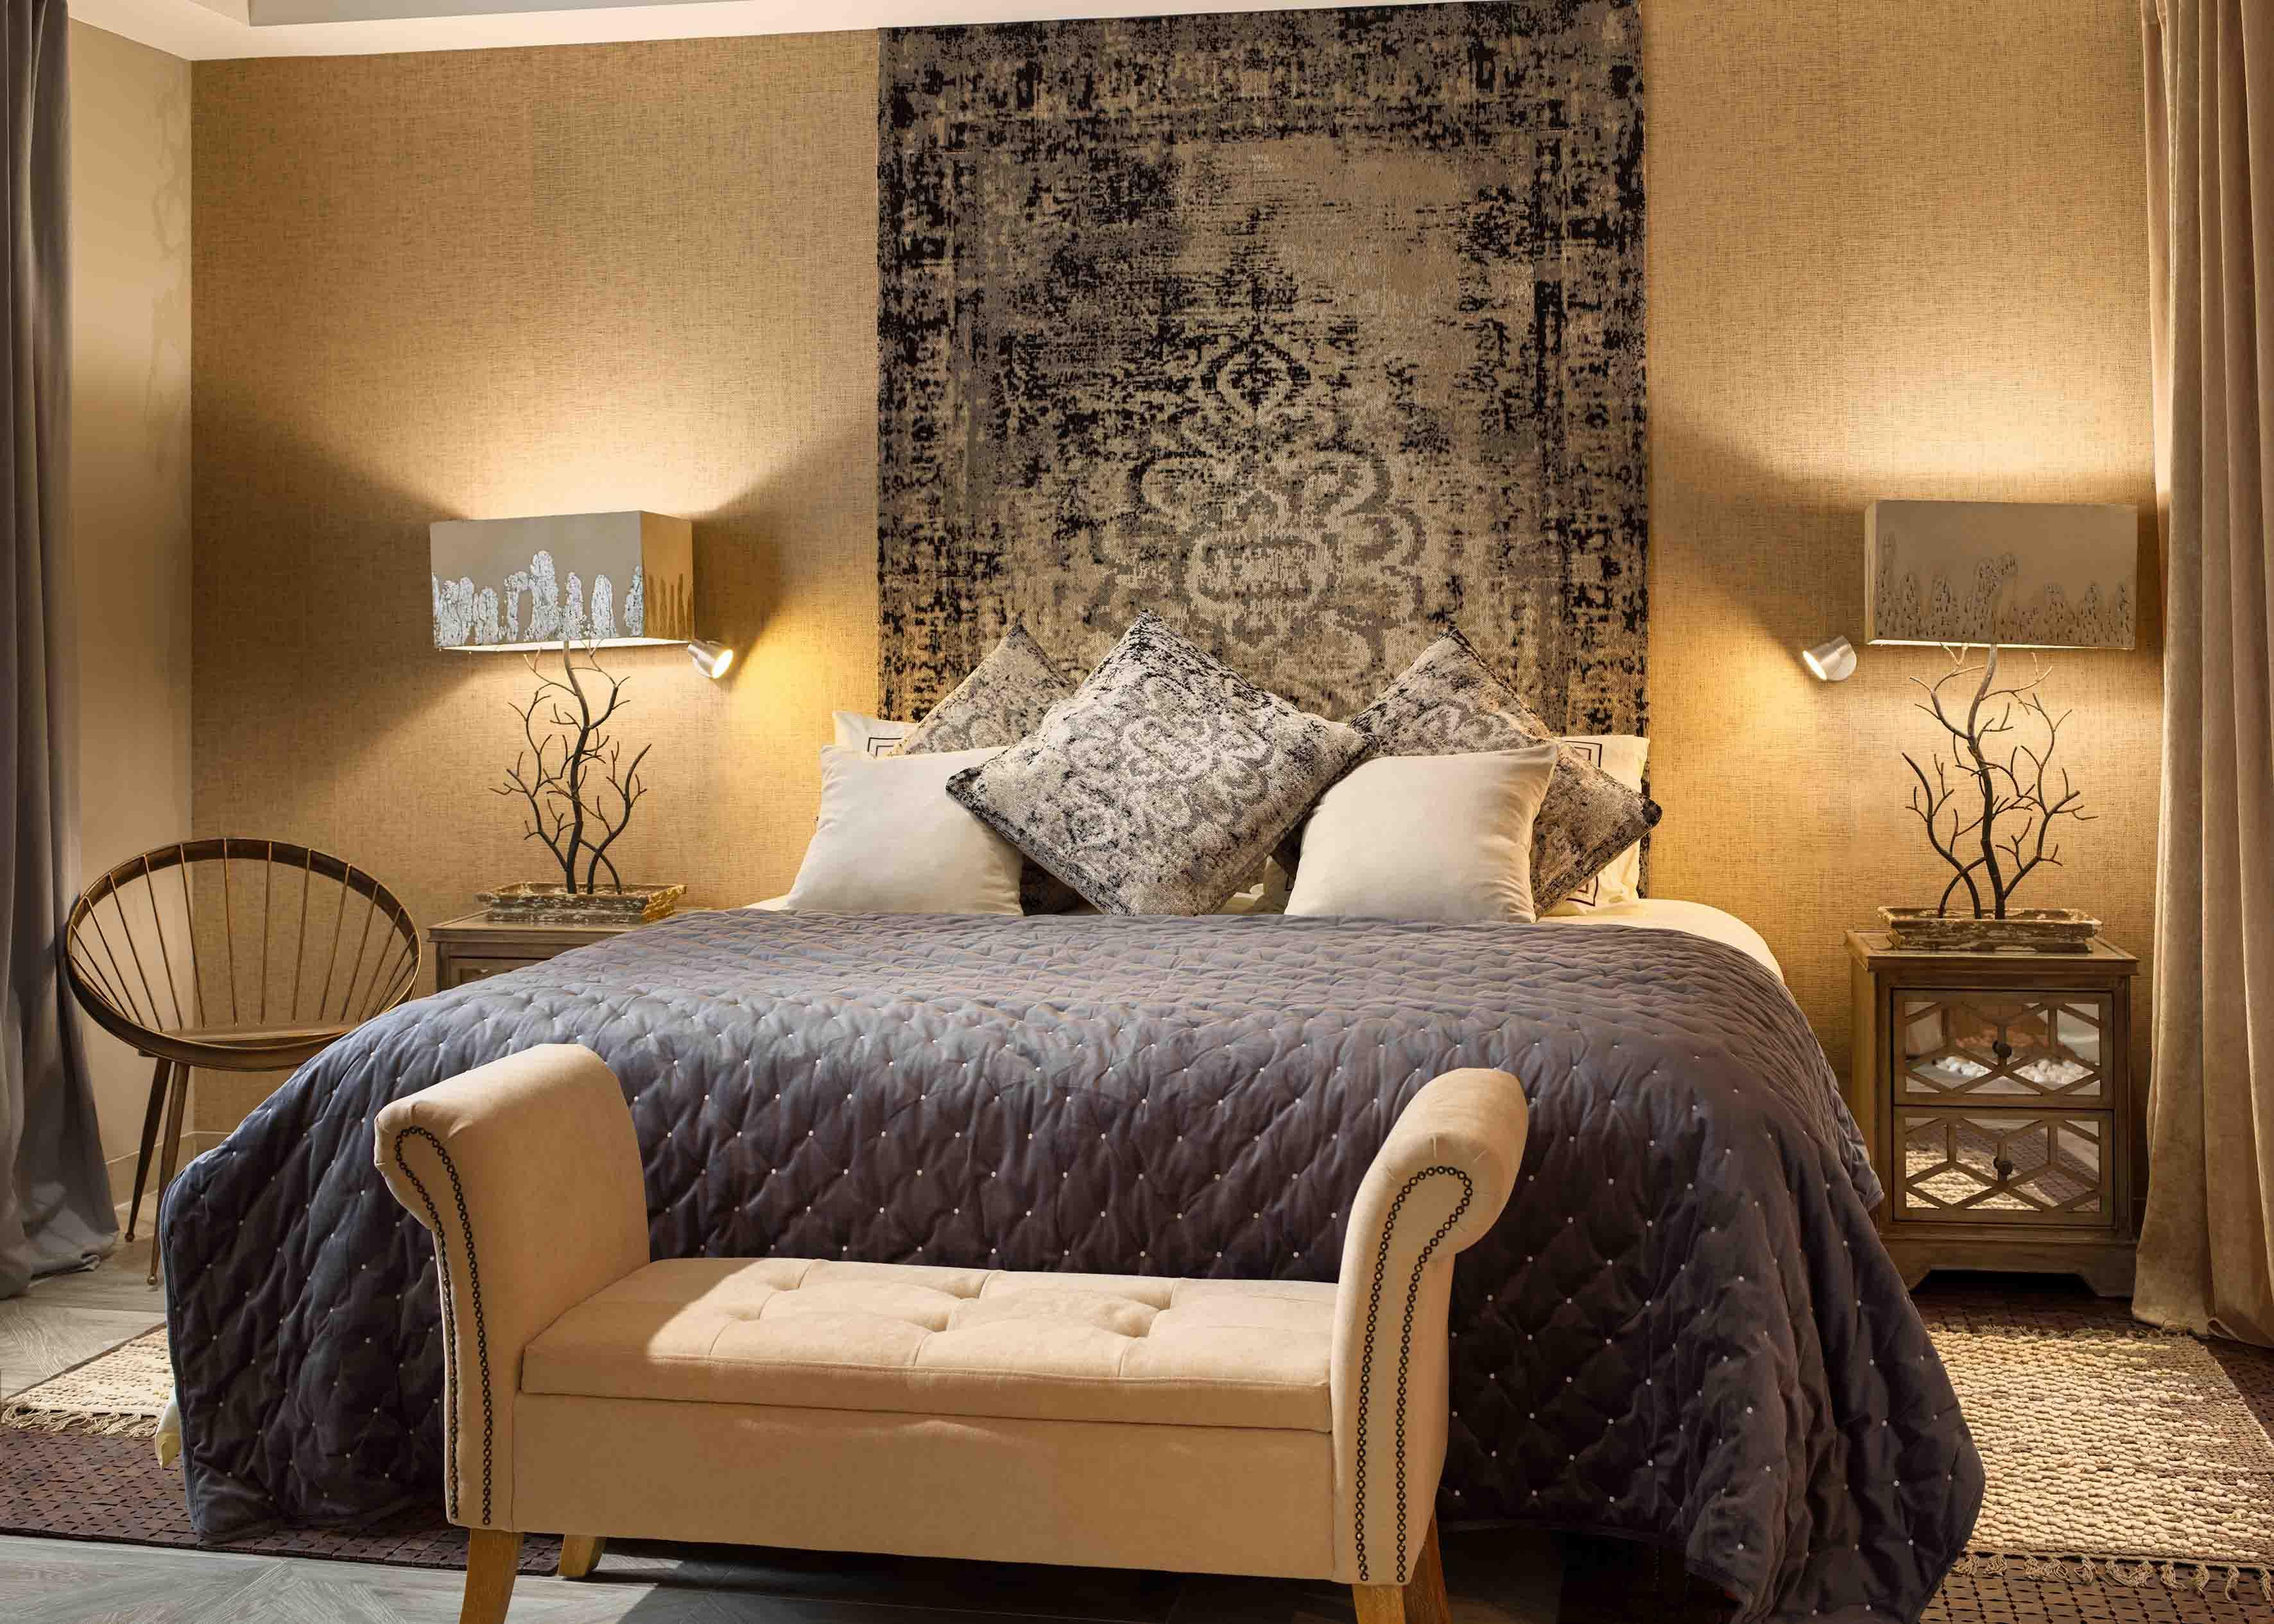 River Villas Bed